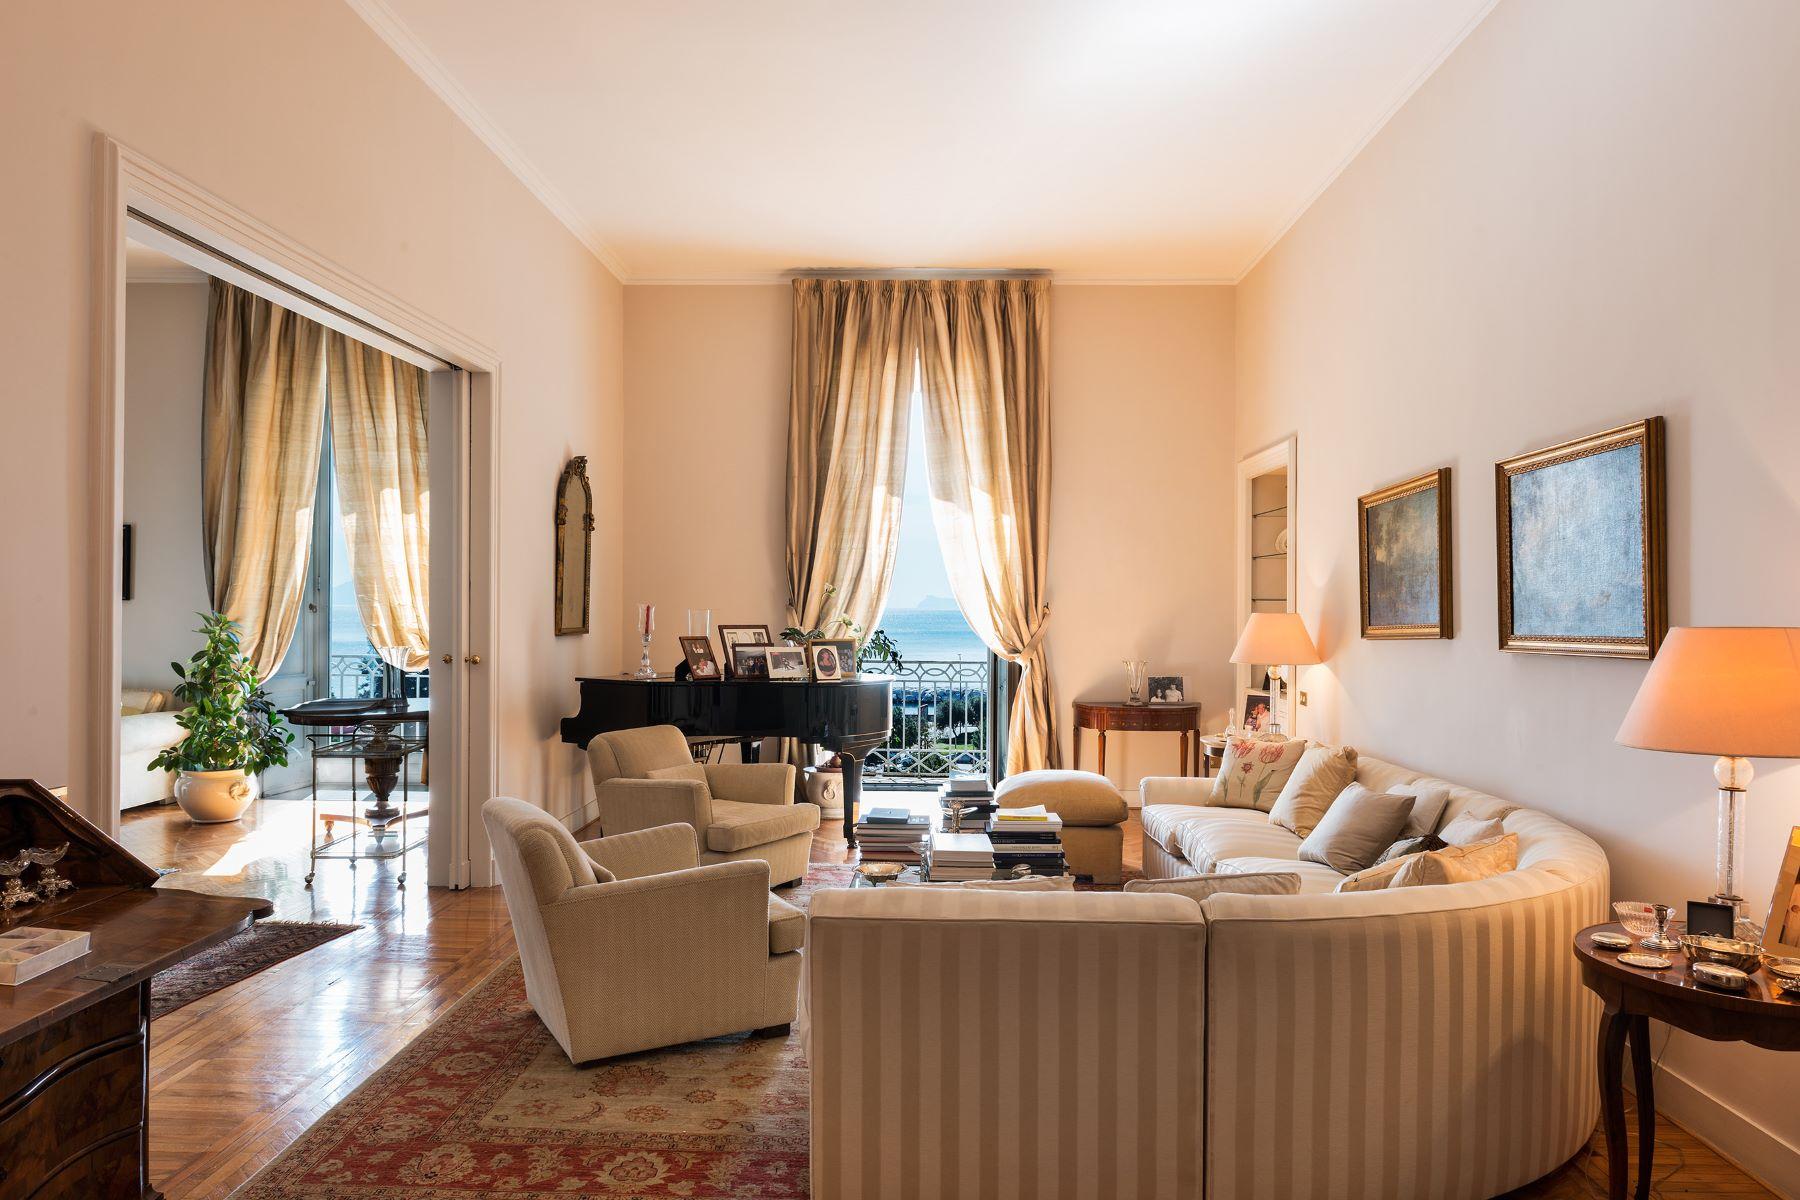 Appartamento per Vendita alle ore Elegante appartamento con vista mare Via Rione Sirignano Napoli, Napoli 80121 Italia